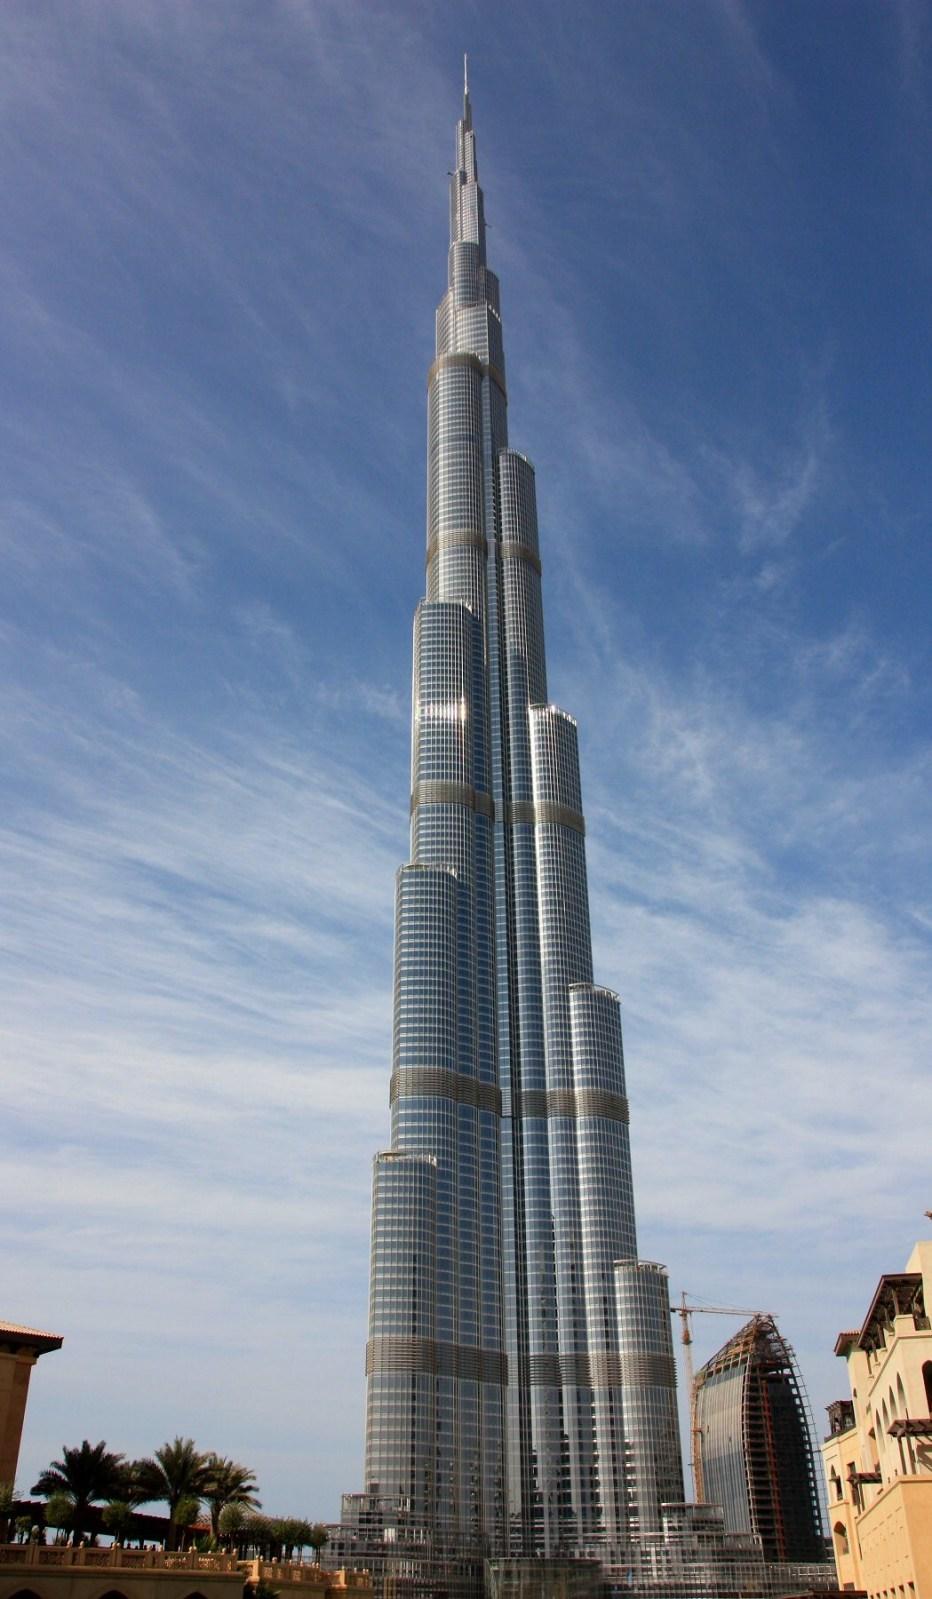 بالصور اطول ابراج العالم , براعة وجمال تشييد البناء 10824 4